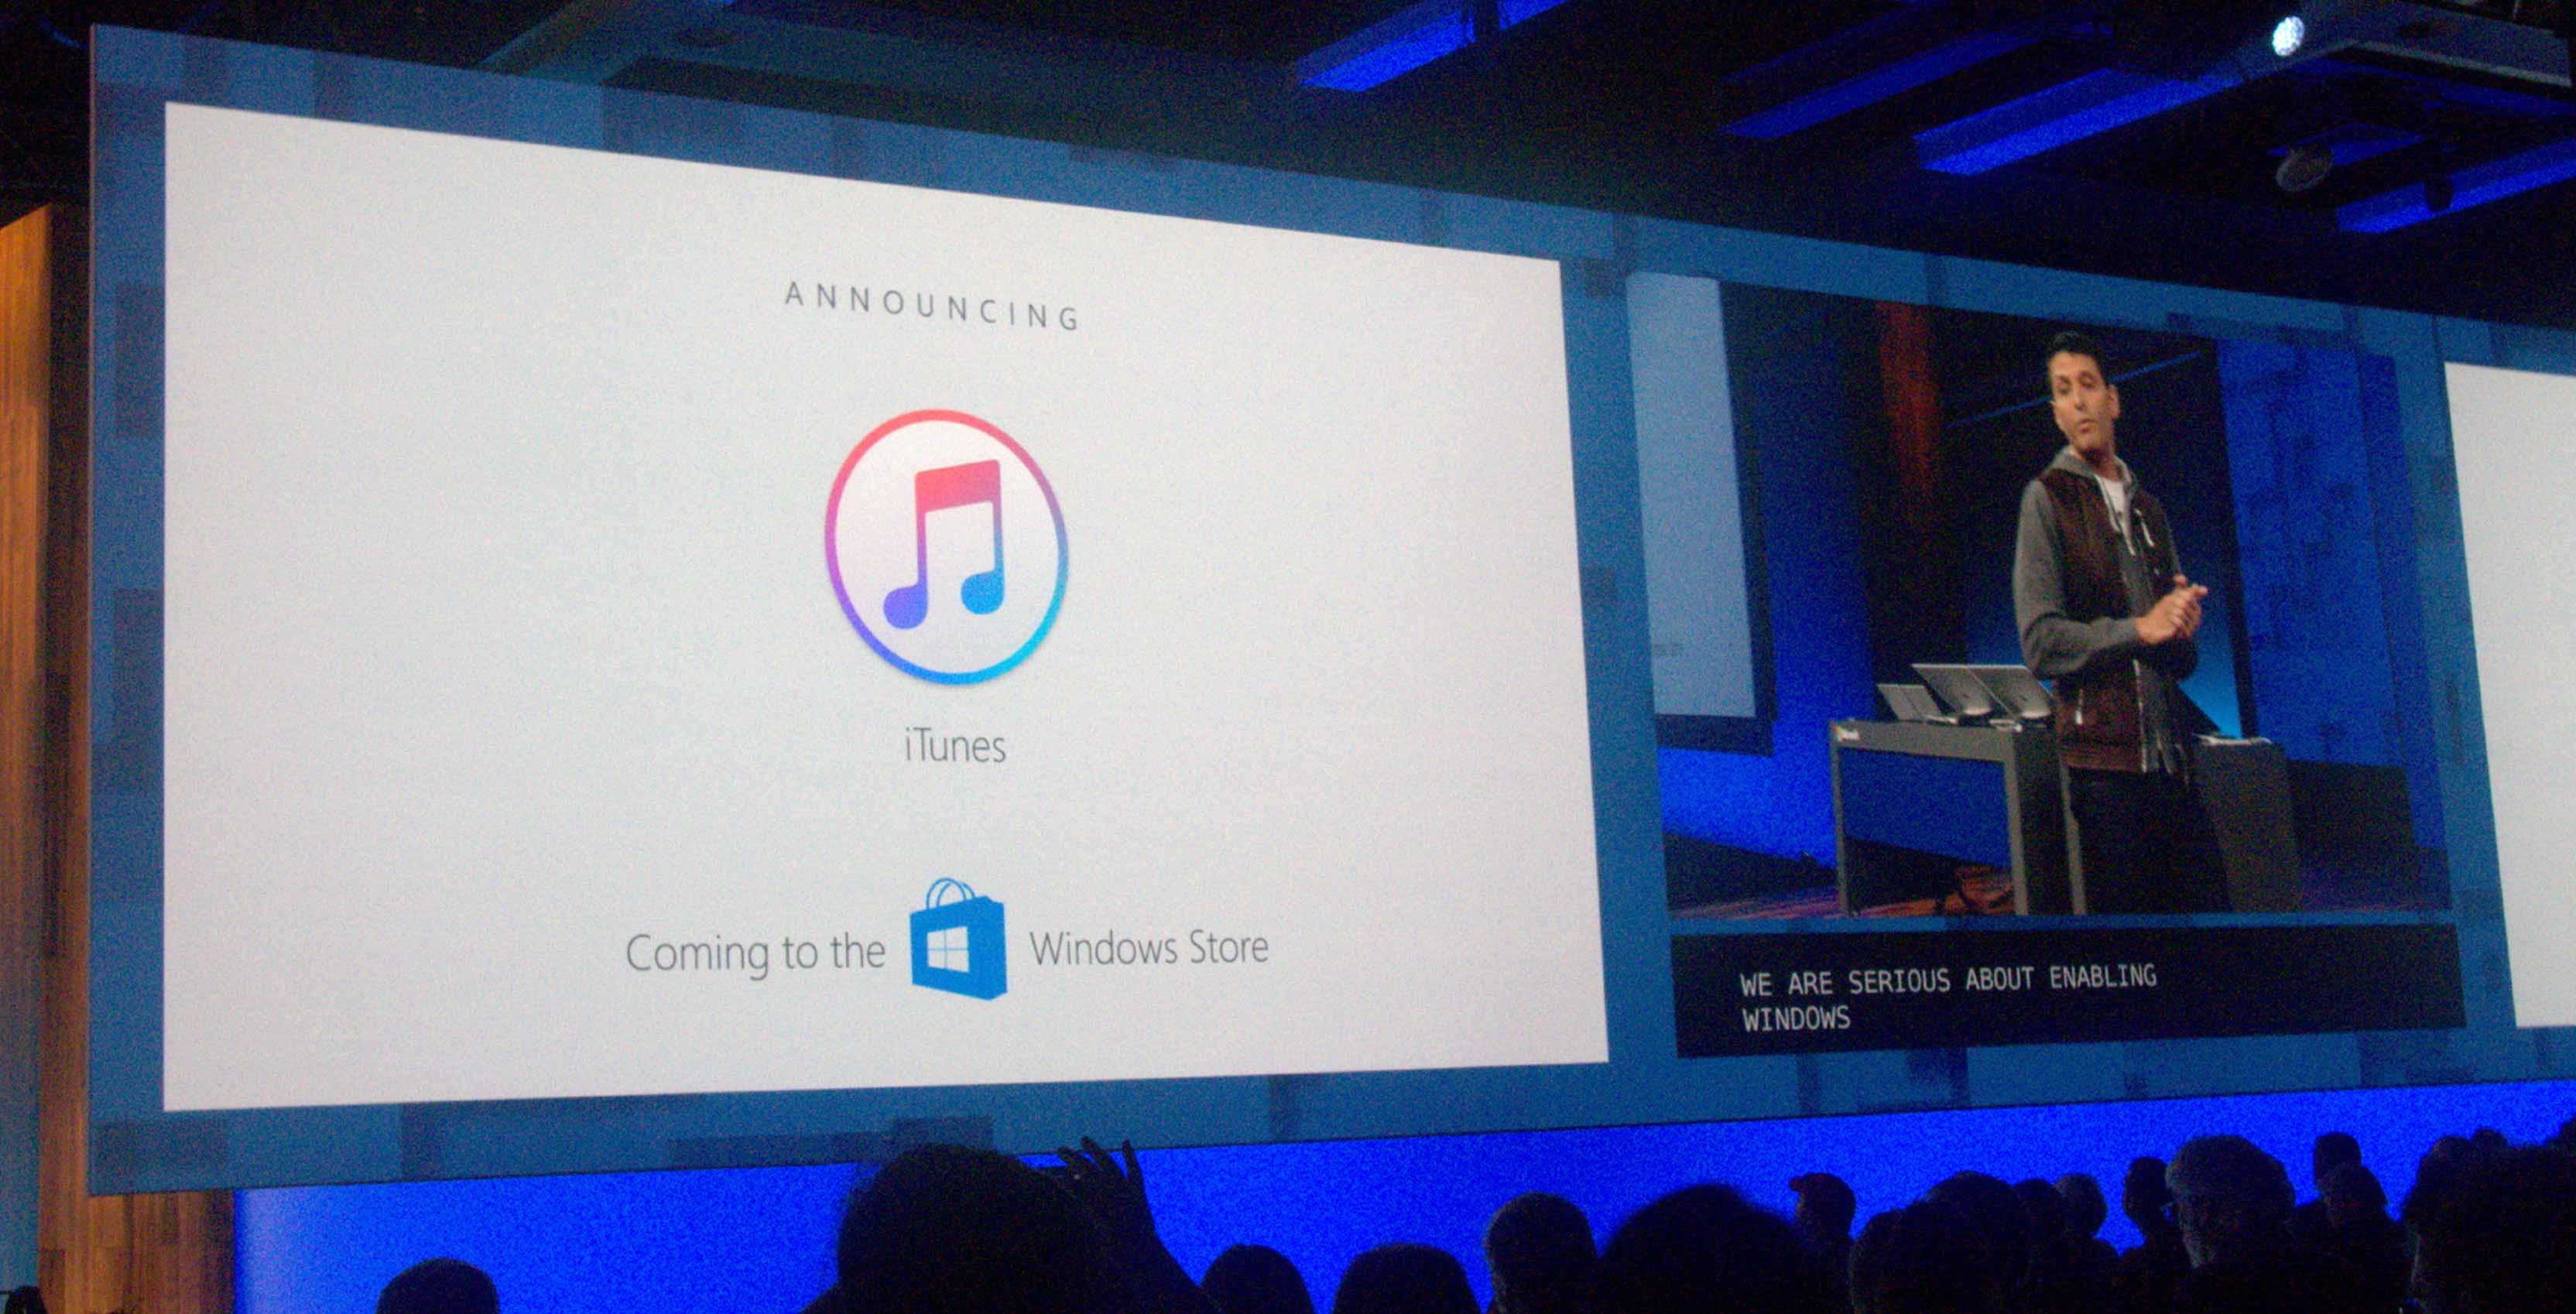 iTunes Windows Store